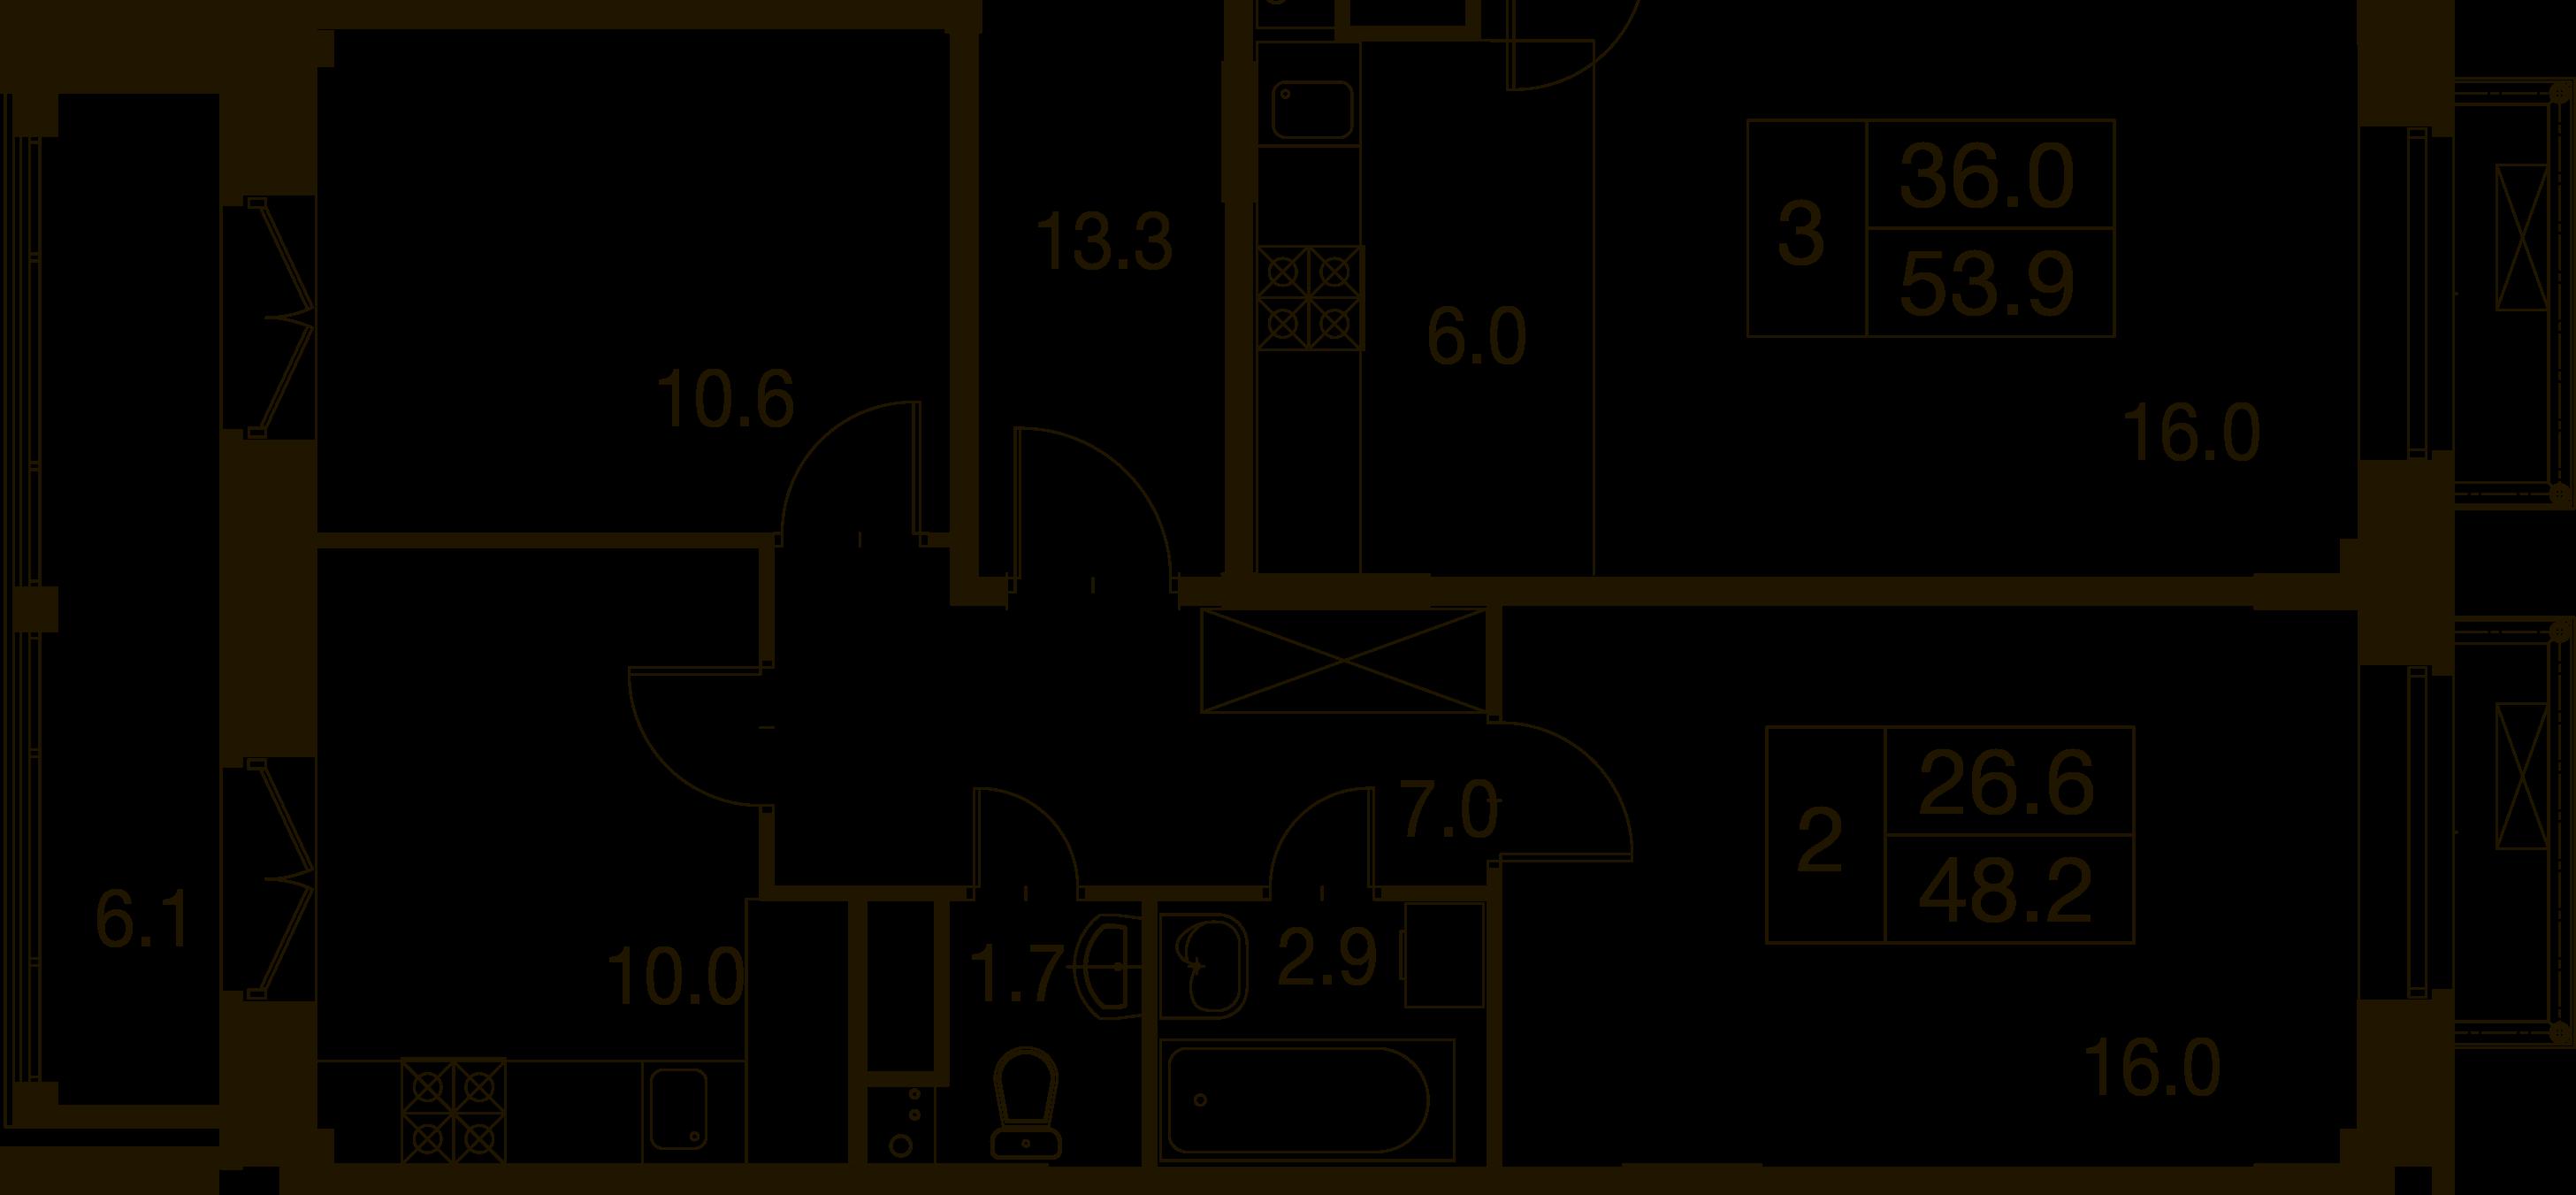 2-комнатная квартира в Митино О2, дом №7, квартира №07-165